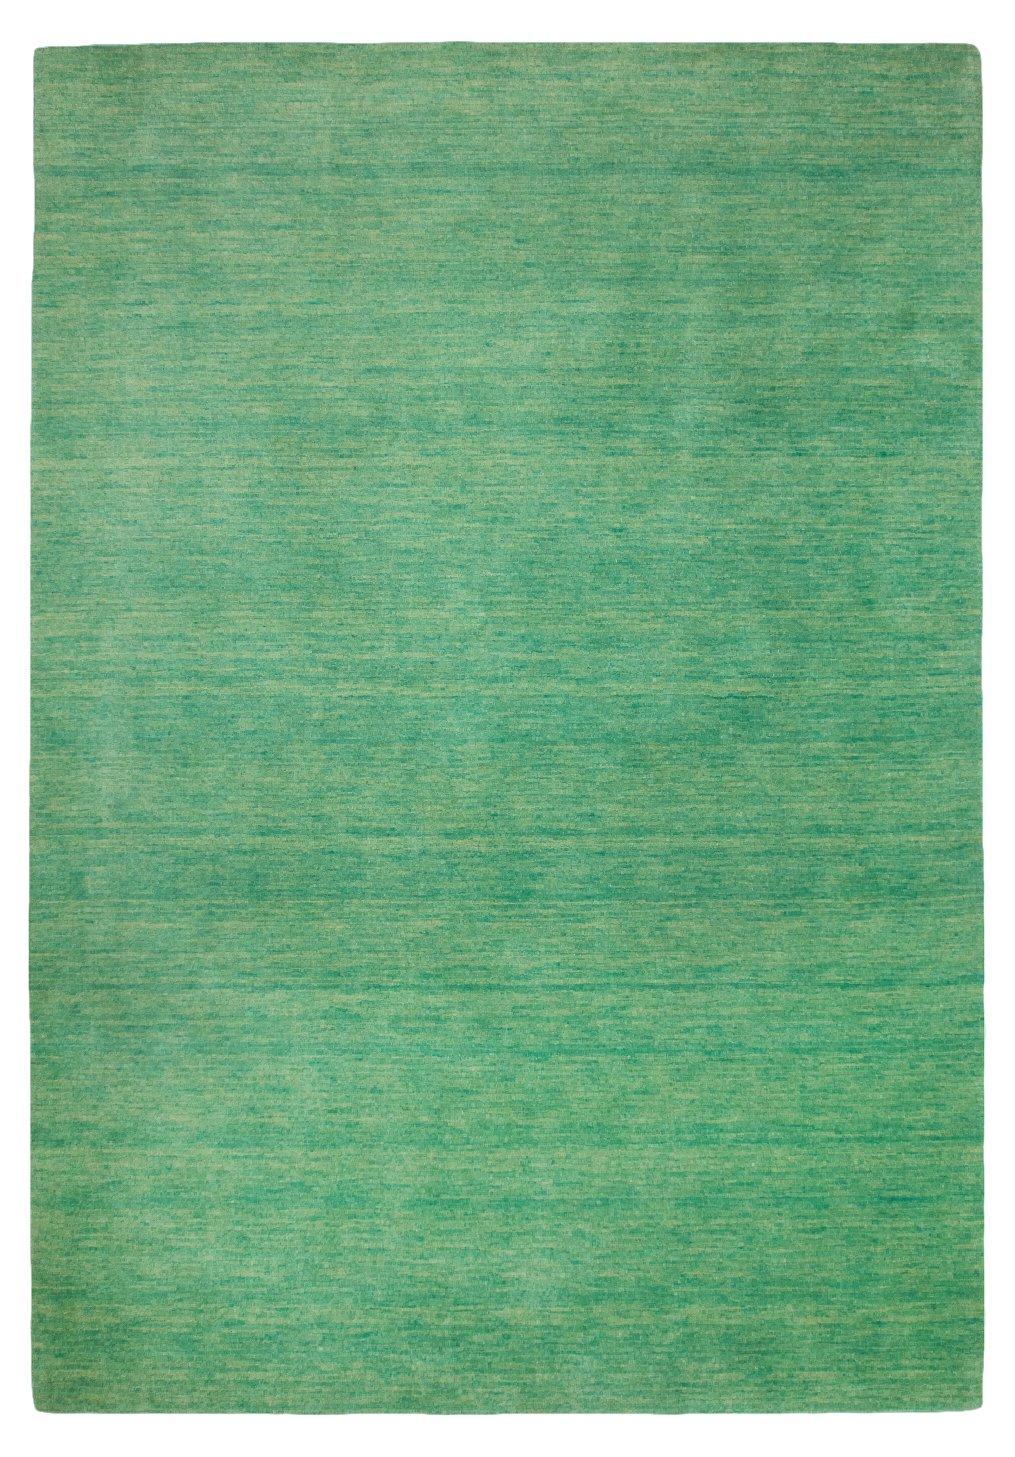 Morgenland Gabbeh Teppich UNI 140 x 70 cm Brücke Grün Seegrün Einfarbig Melierung Modern Orient Teppich Handgearbeitet 100% Schurwolle Wollteppich Weich Dicht Fest Kuschelig Gemütlich Für Wohnzimmer Kinderzimmer Flur Küche -